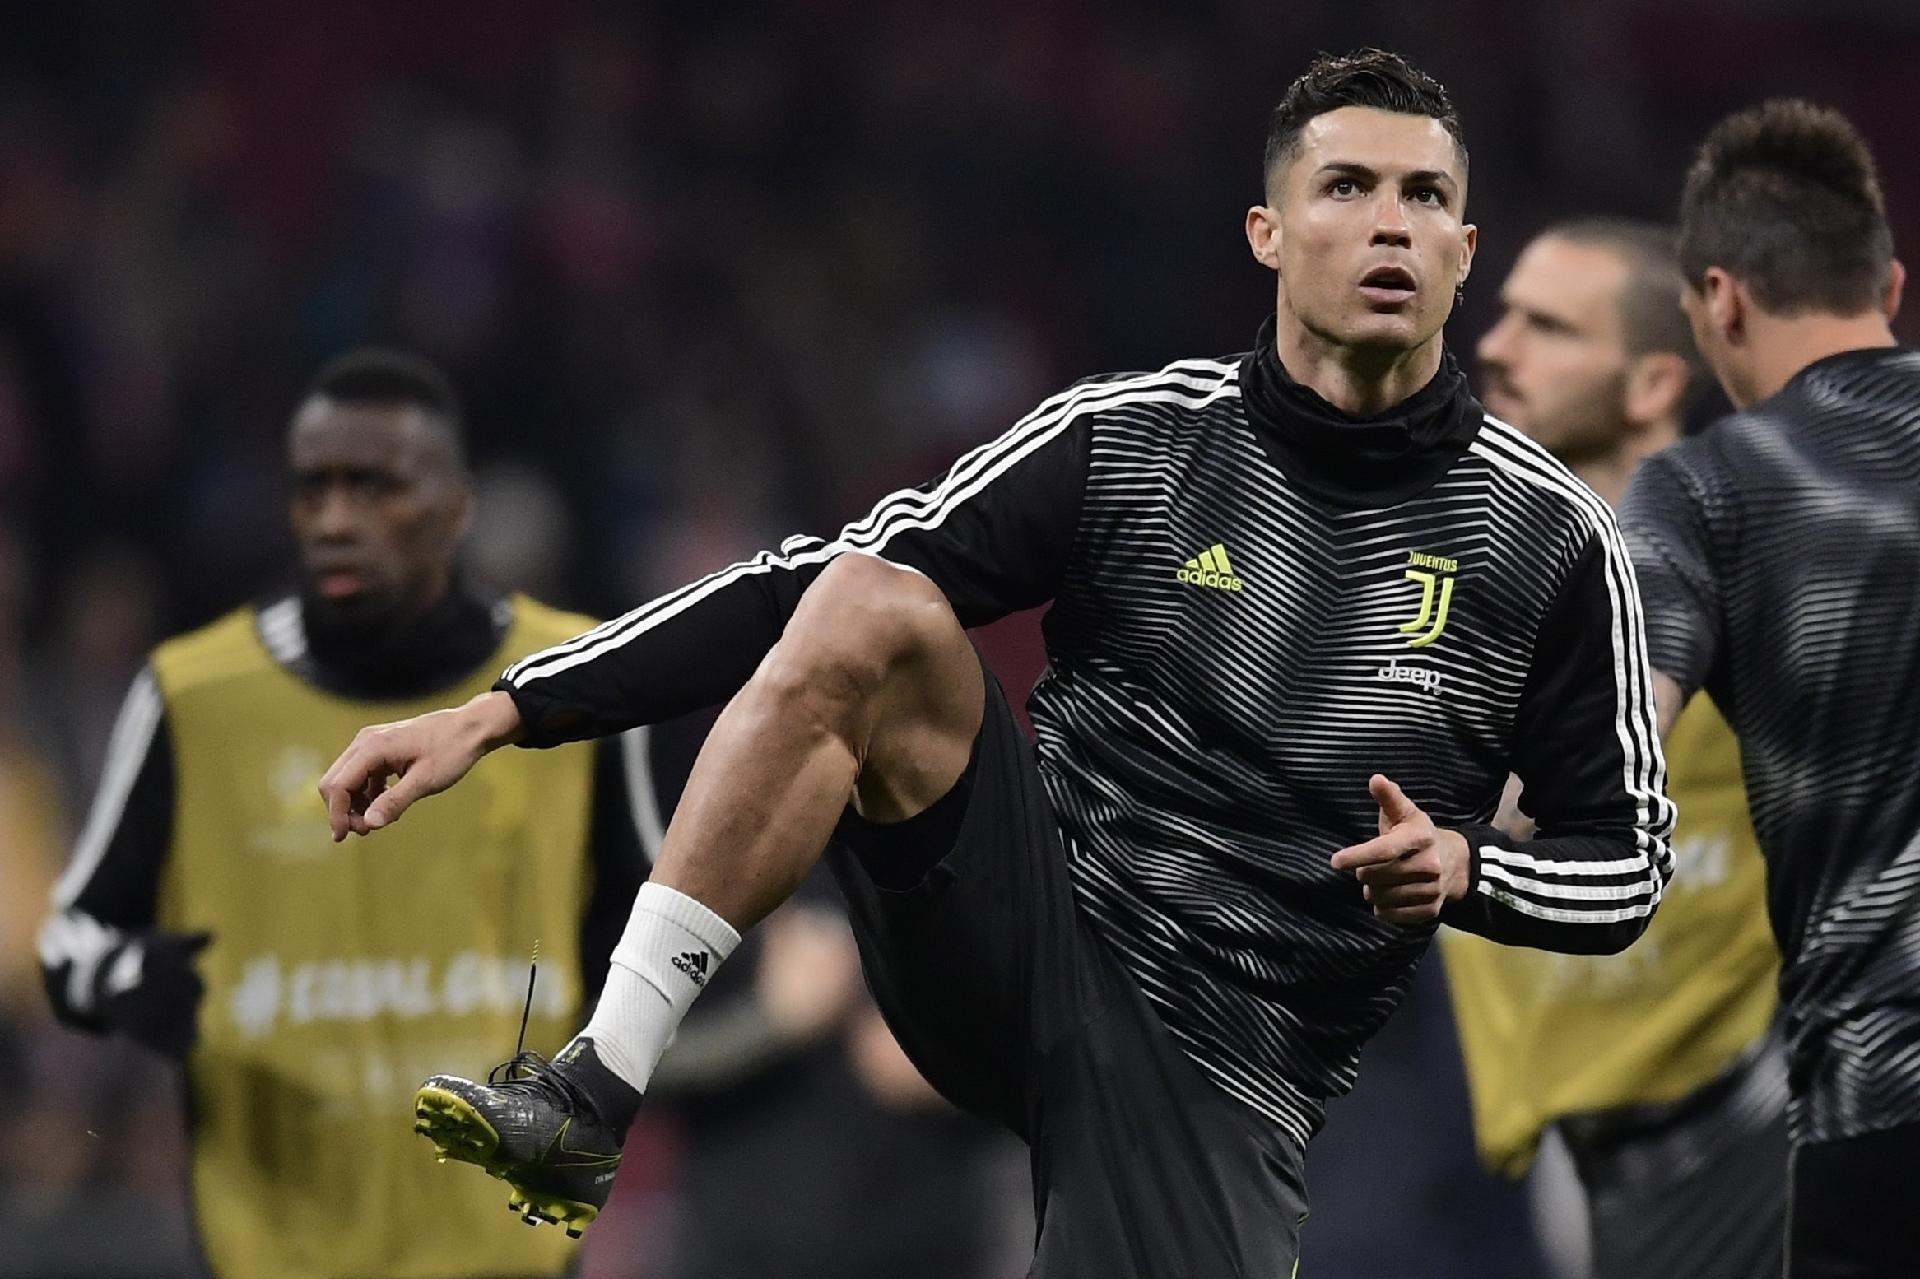 e814850d9e Cristiano Ronaldo se aquece antes do jogo entre Juventus e Atlético de Madri